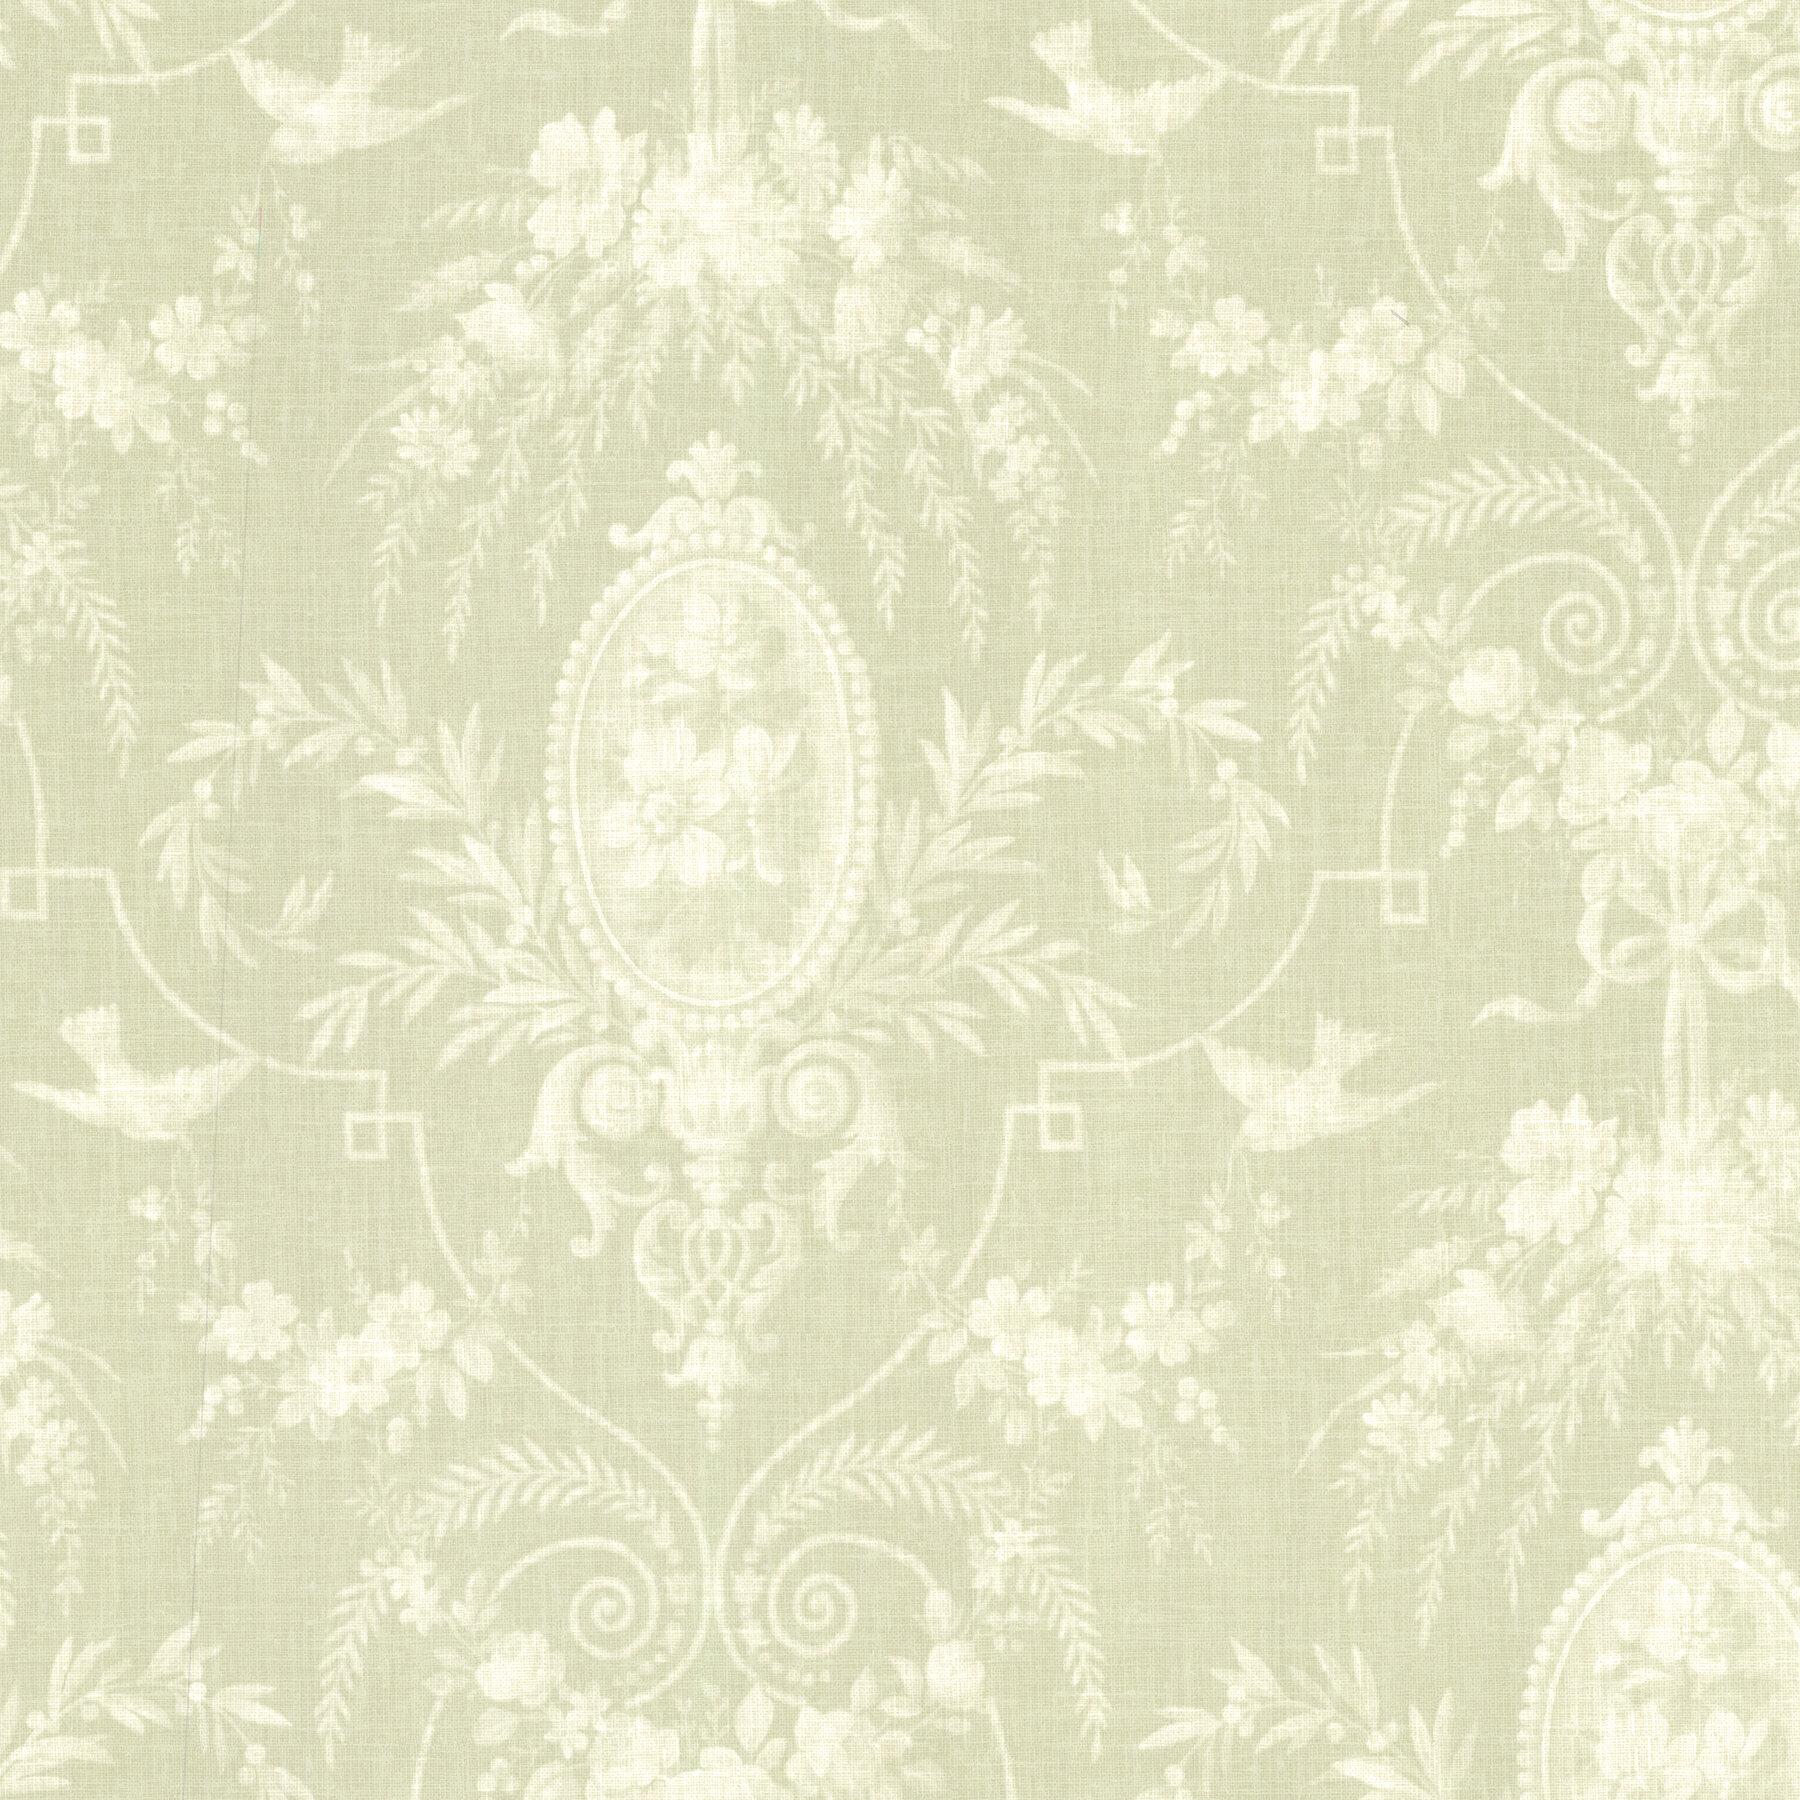 La belle maison flourish fleur 33 39 x 20 5 damask 3d for 3d embossed wallpaper